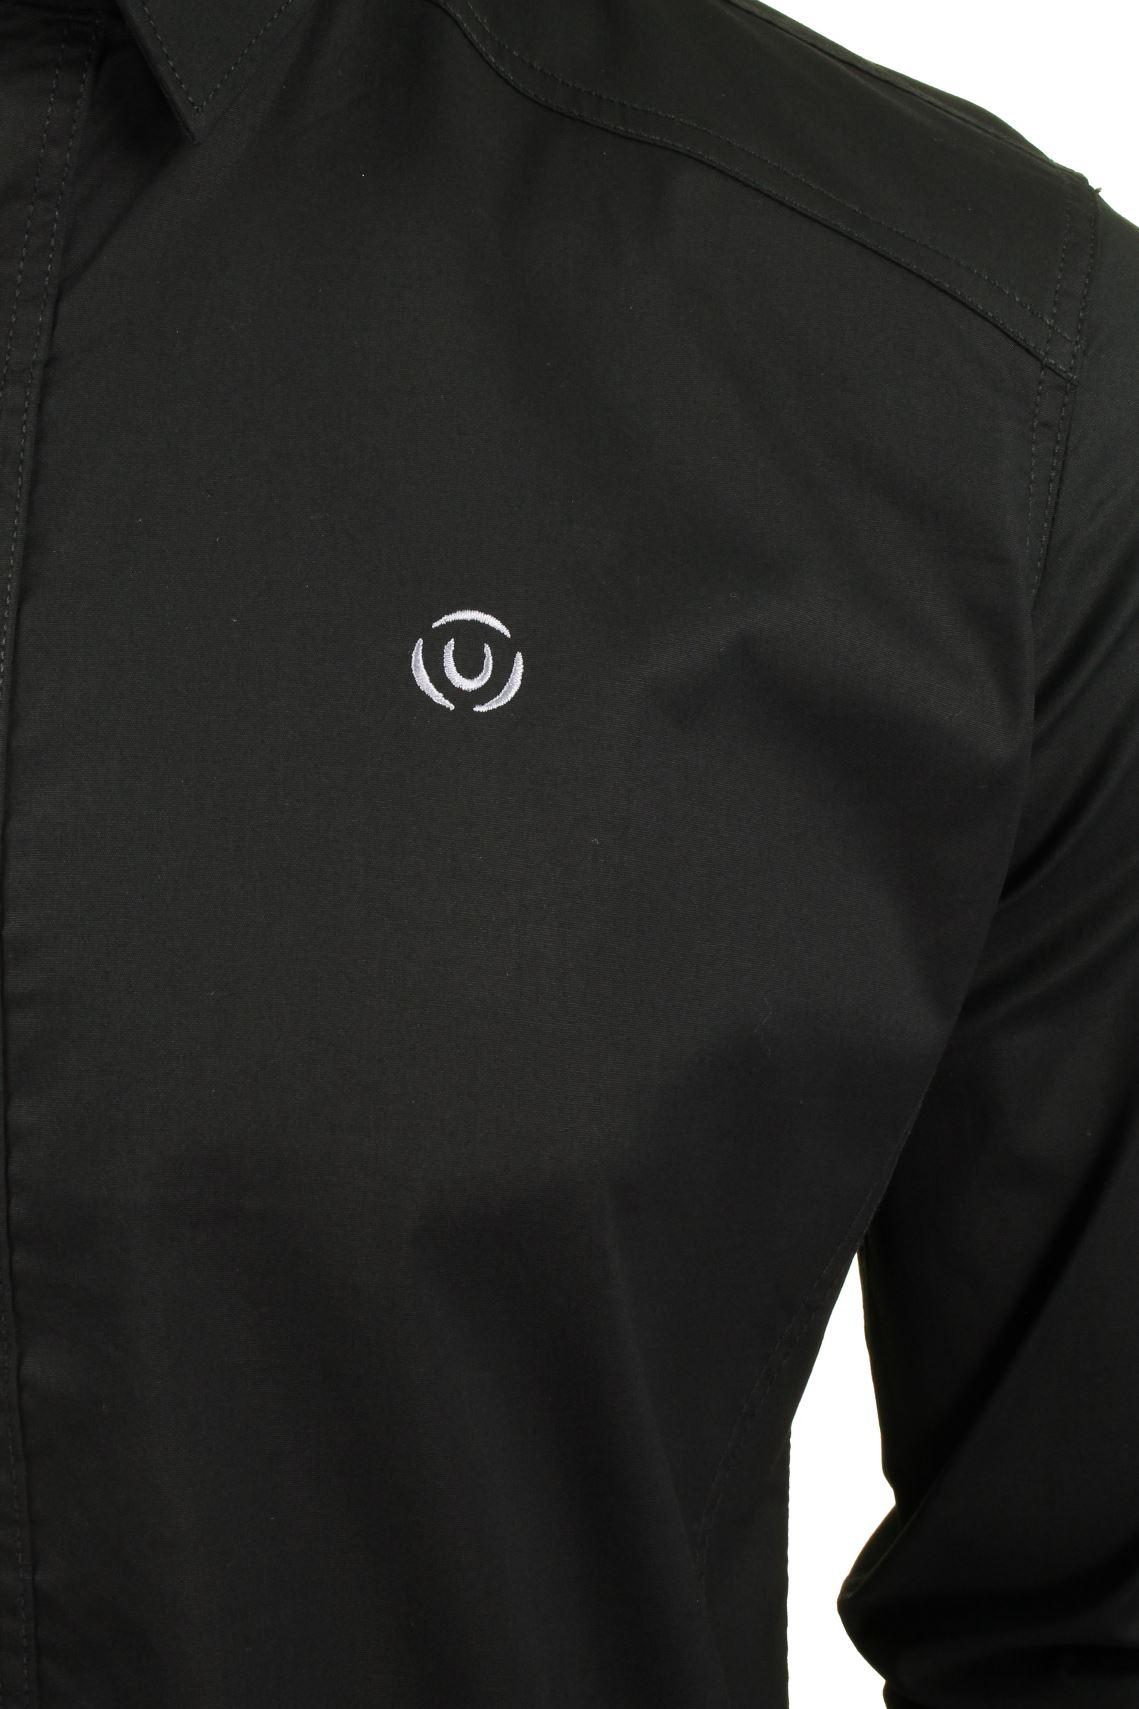 Para-Hombres-Camisa-Manga-Larga-Popelin-del-estiramiento-por-Pato-Y-Cubierta-039-raginald-039 miniatura 4